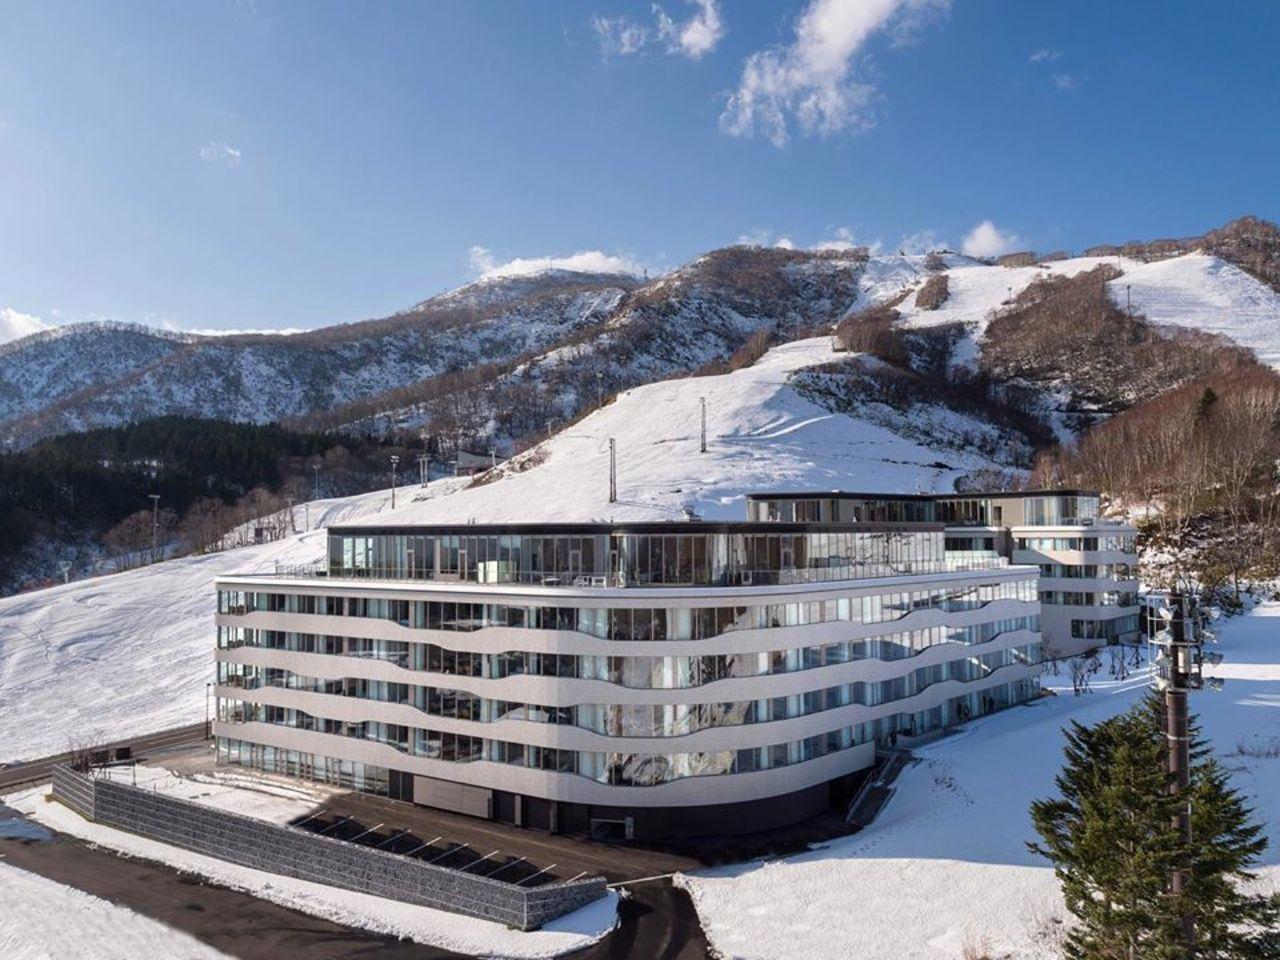 北海道虻田郡のコンドミニアムホテル『Skye Niseko』